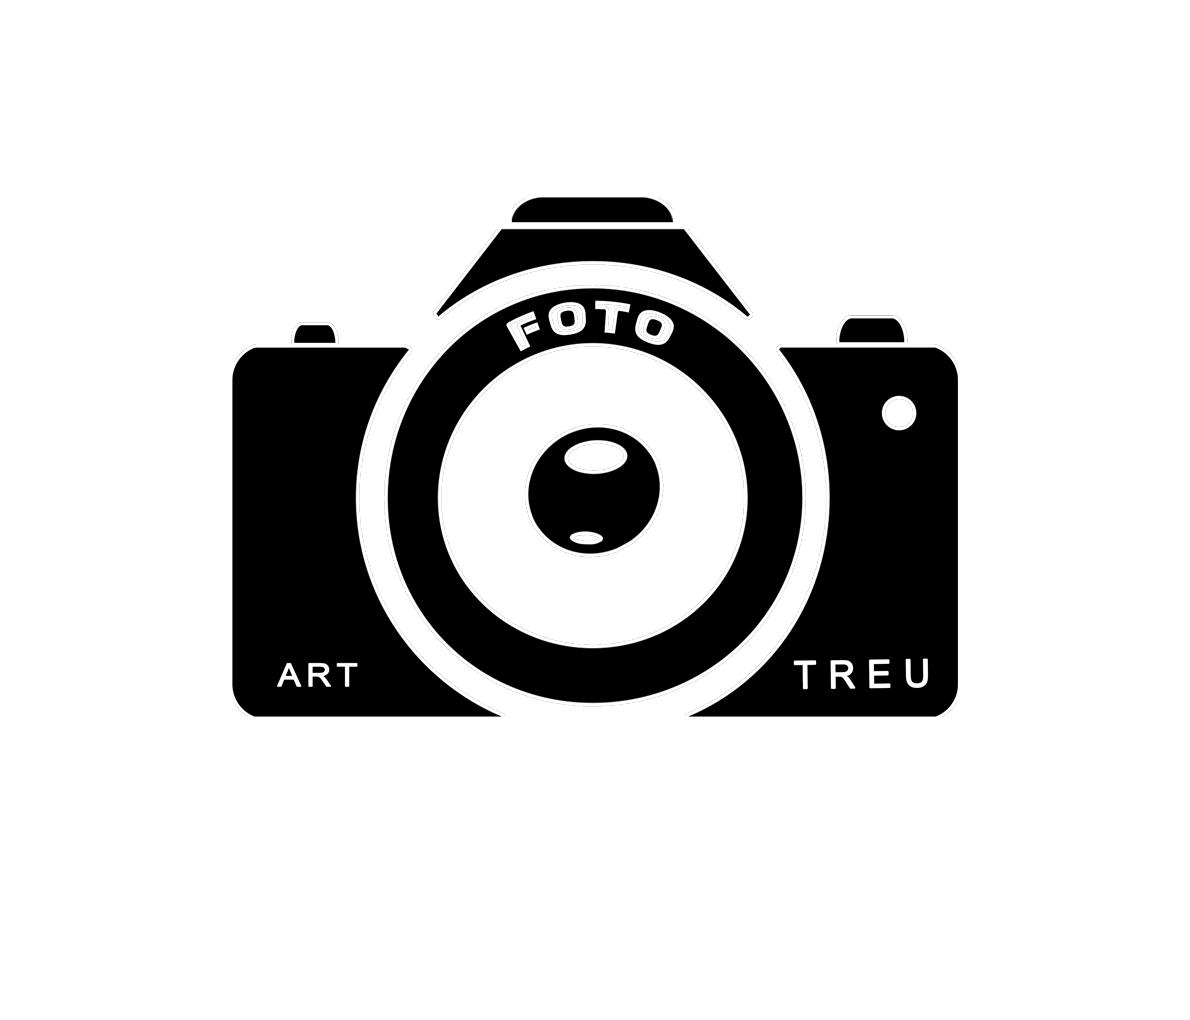 FotoArt-Treu.de